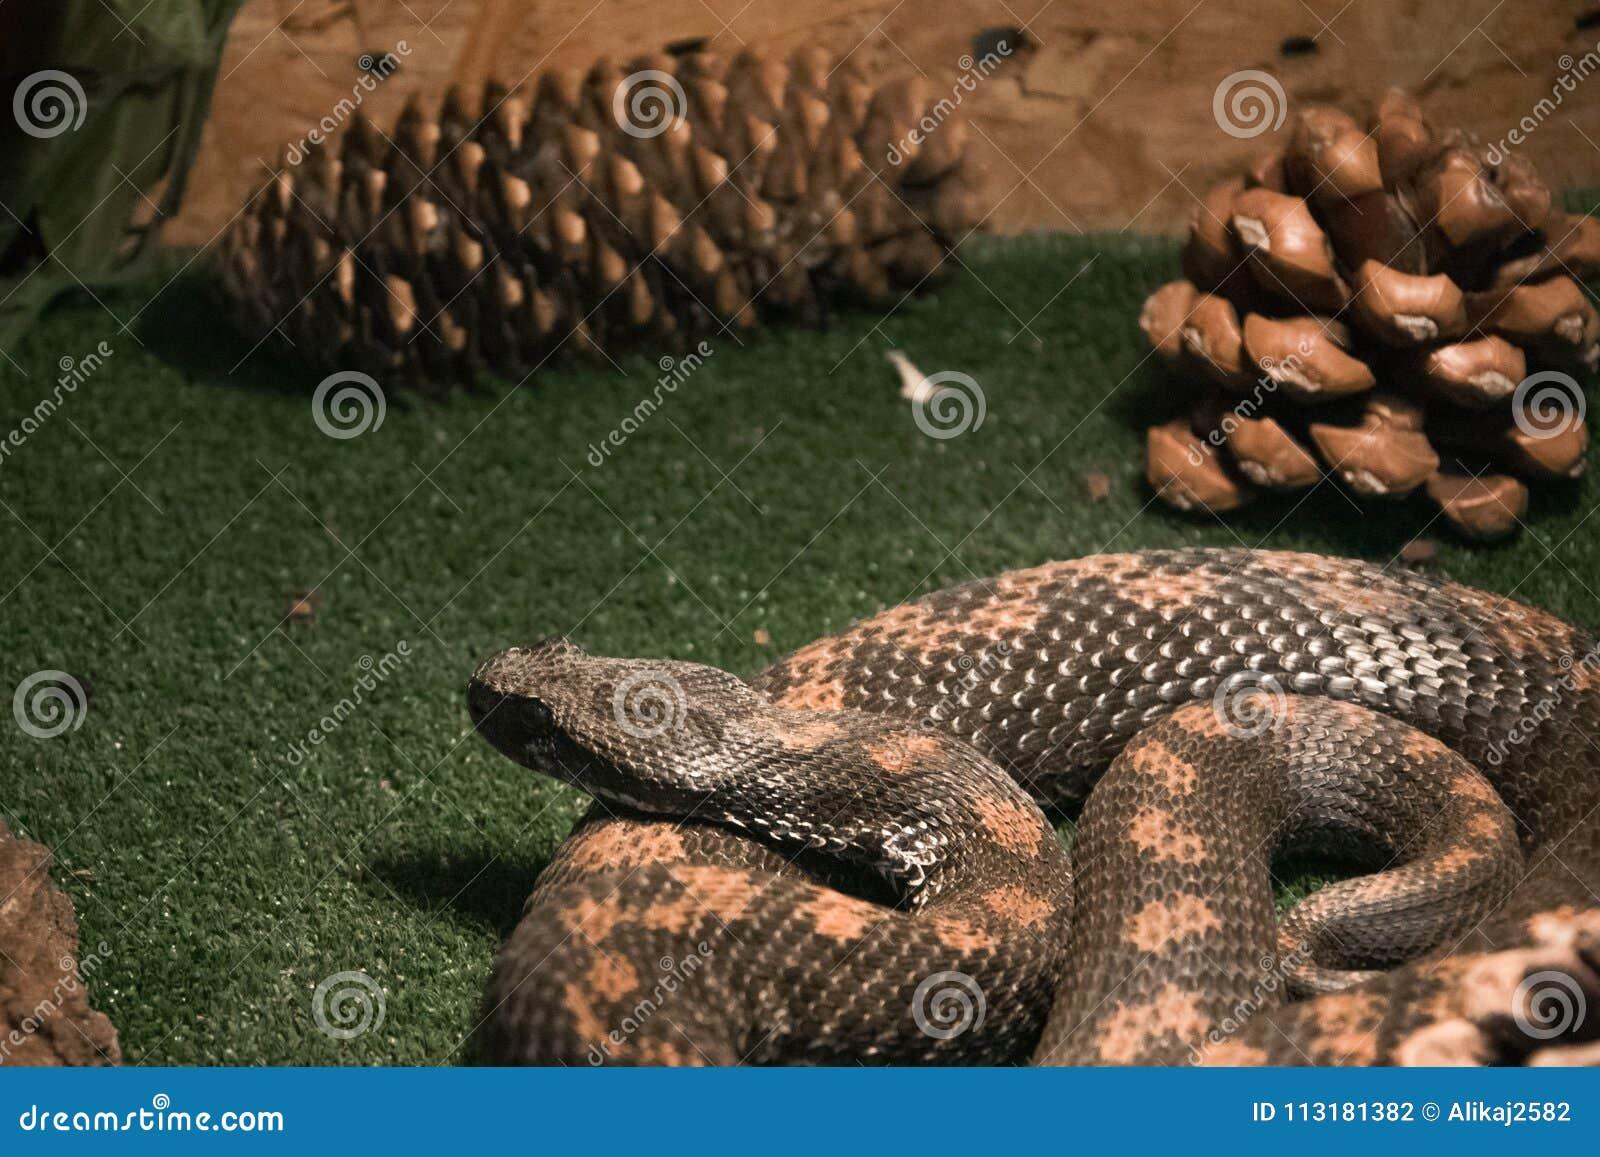 Farlig giftig orm i terrariumen - armenisk huggorm